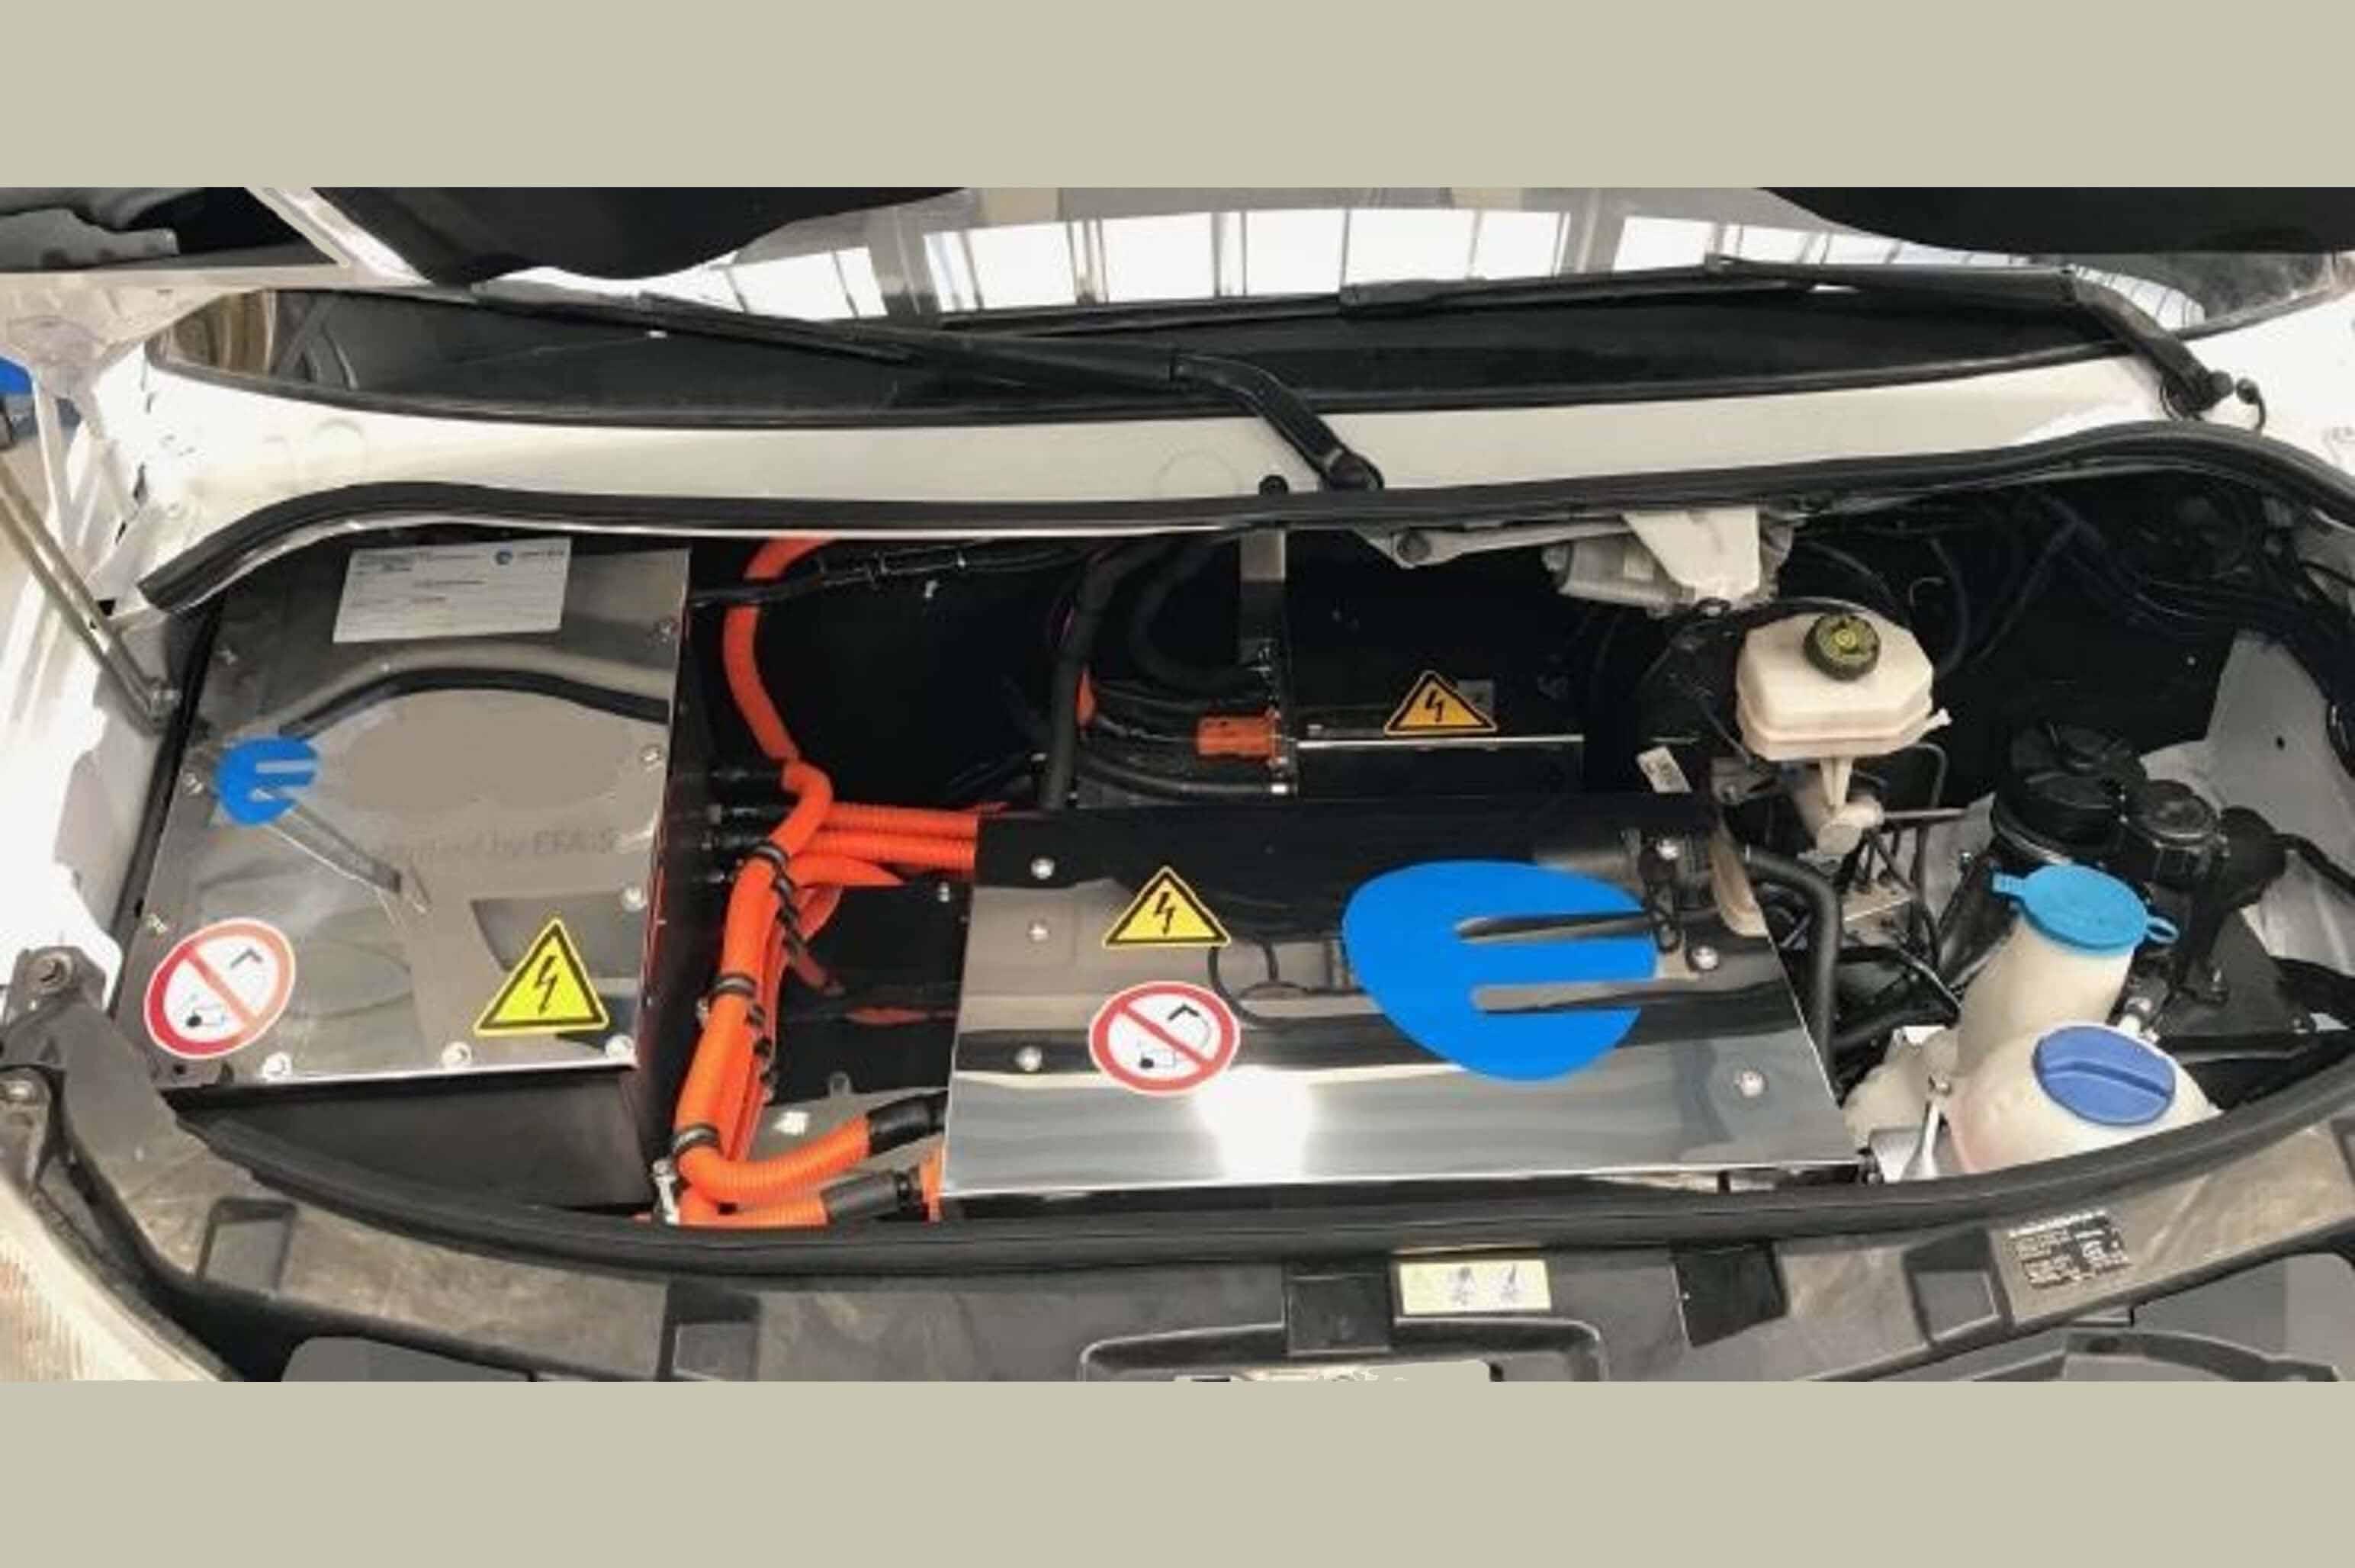 Schoon E Motor Variante II (Umrüstung)